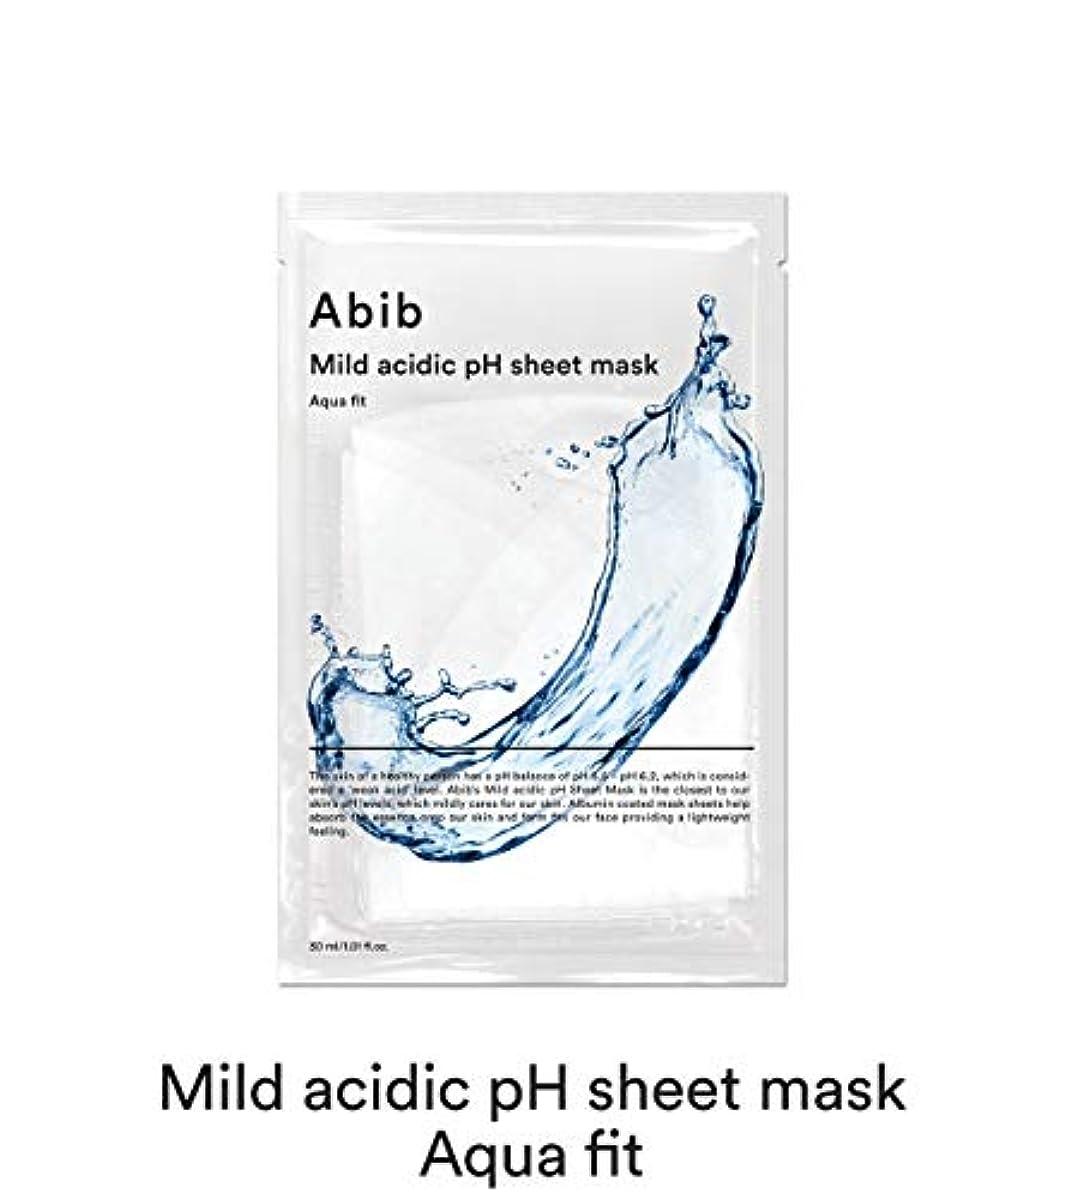 アクセスできないアンカー夜間[Abib] アビブ弱酸性pHシートマスクアクアフィット 30mlx10枚 / ABIB MILD ACIDIC pH SHEET MASK AQUA FIT 30mlx10EA [並行輸入品]